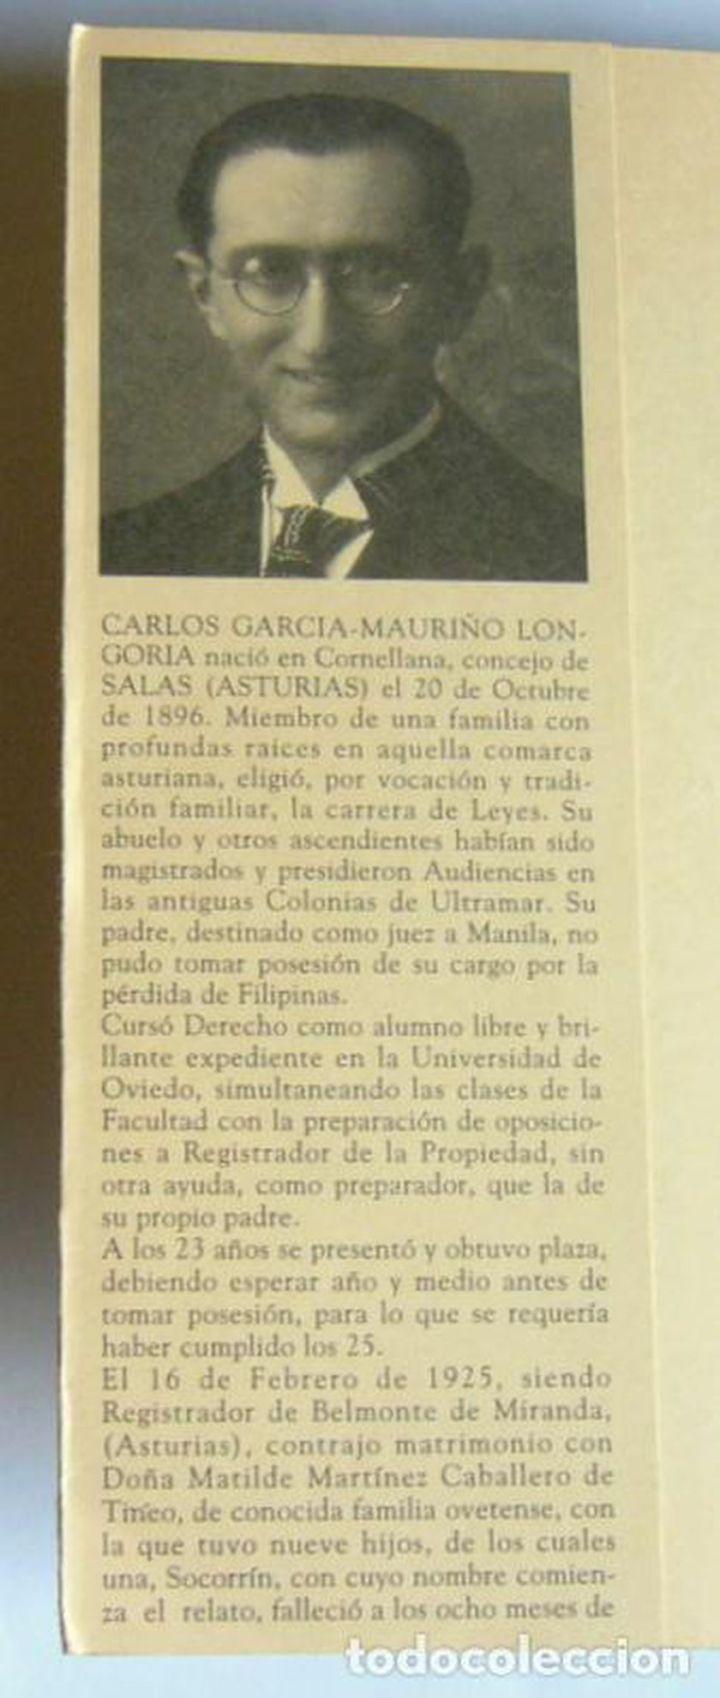 Carlos García Mauriño-Longoria